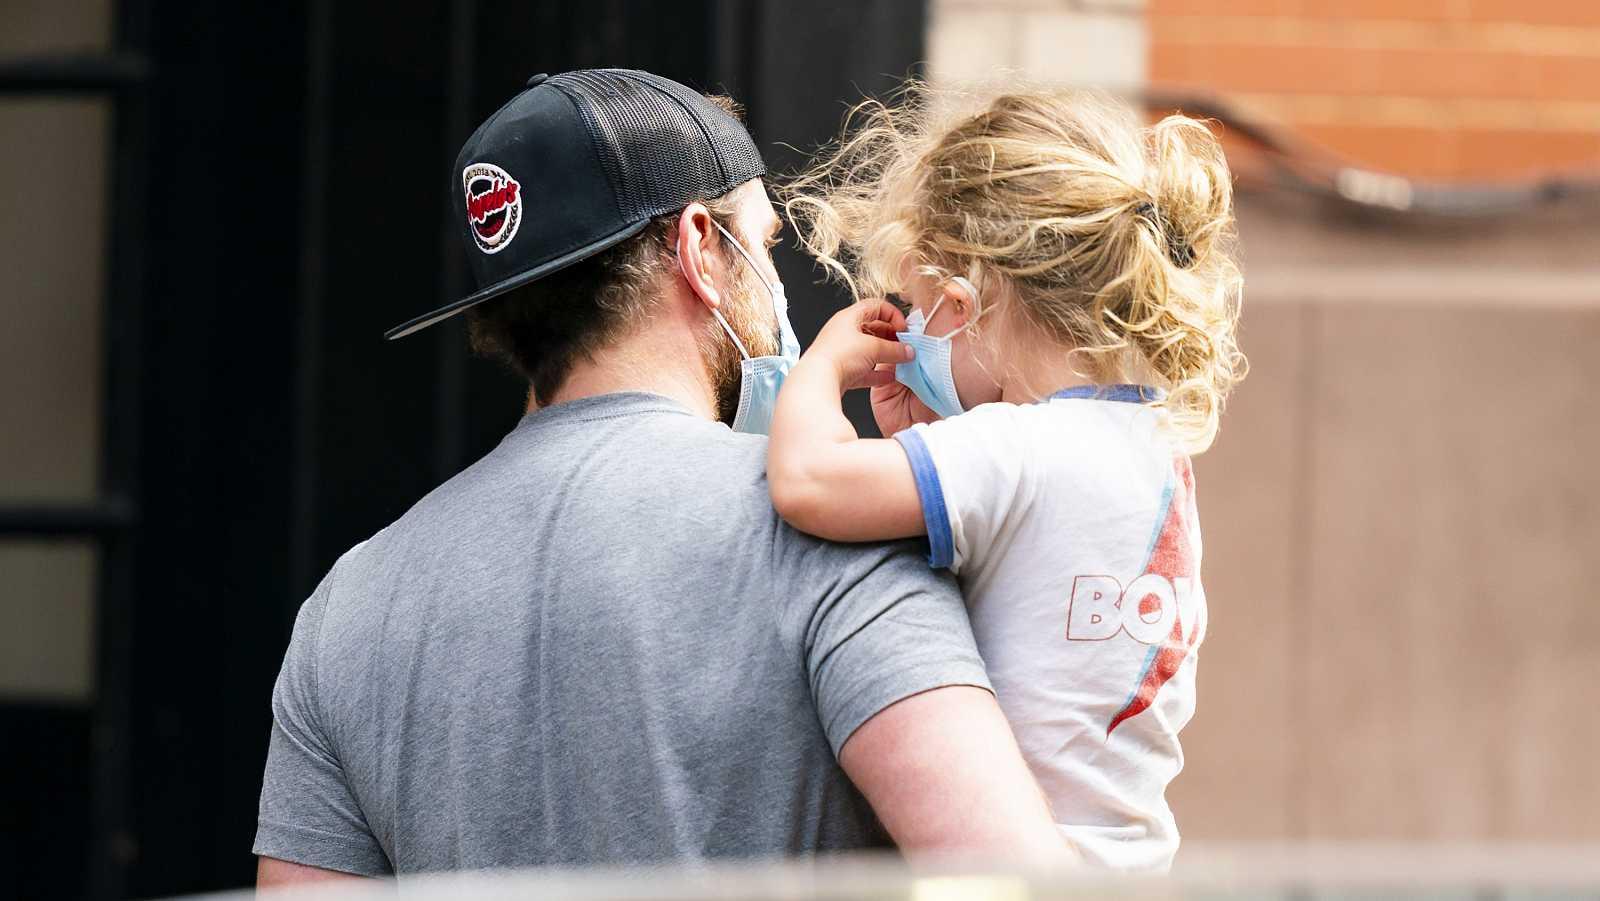 Bradley Cooper y su hija Lea yendo al supermercado en Nueva York